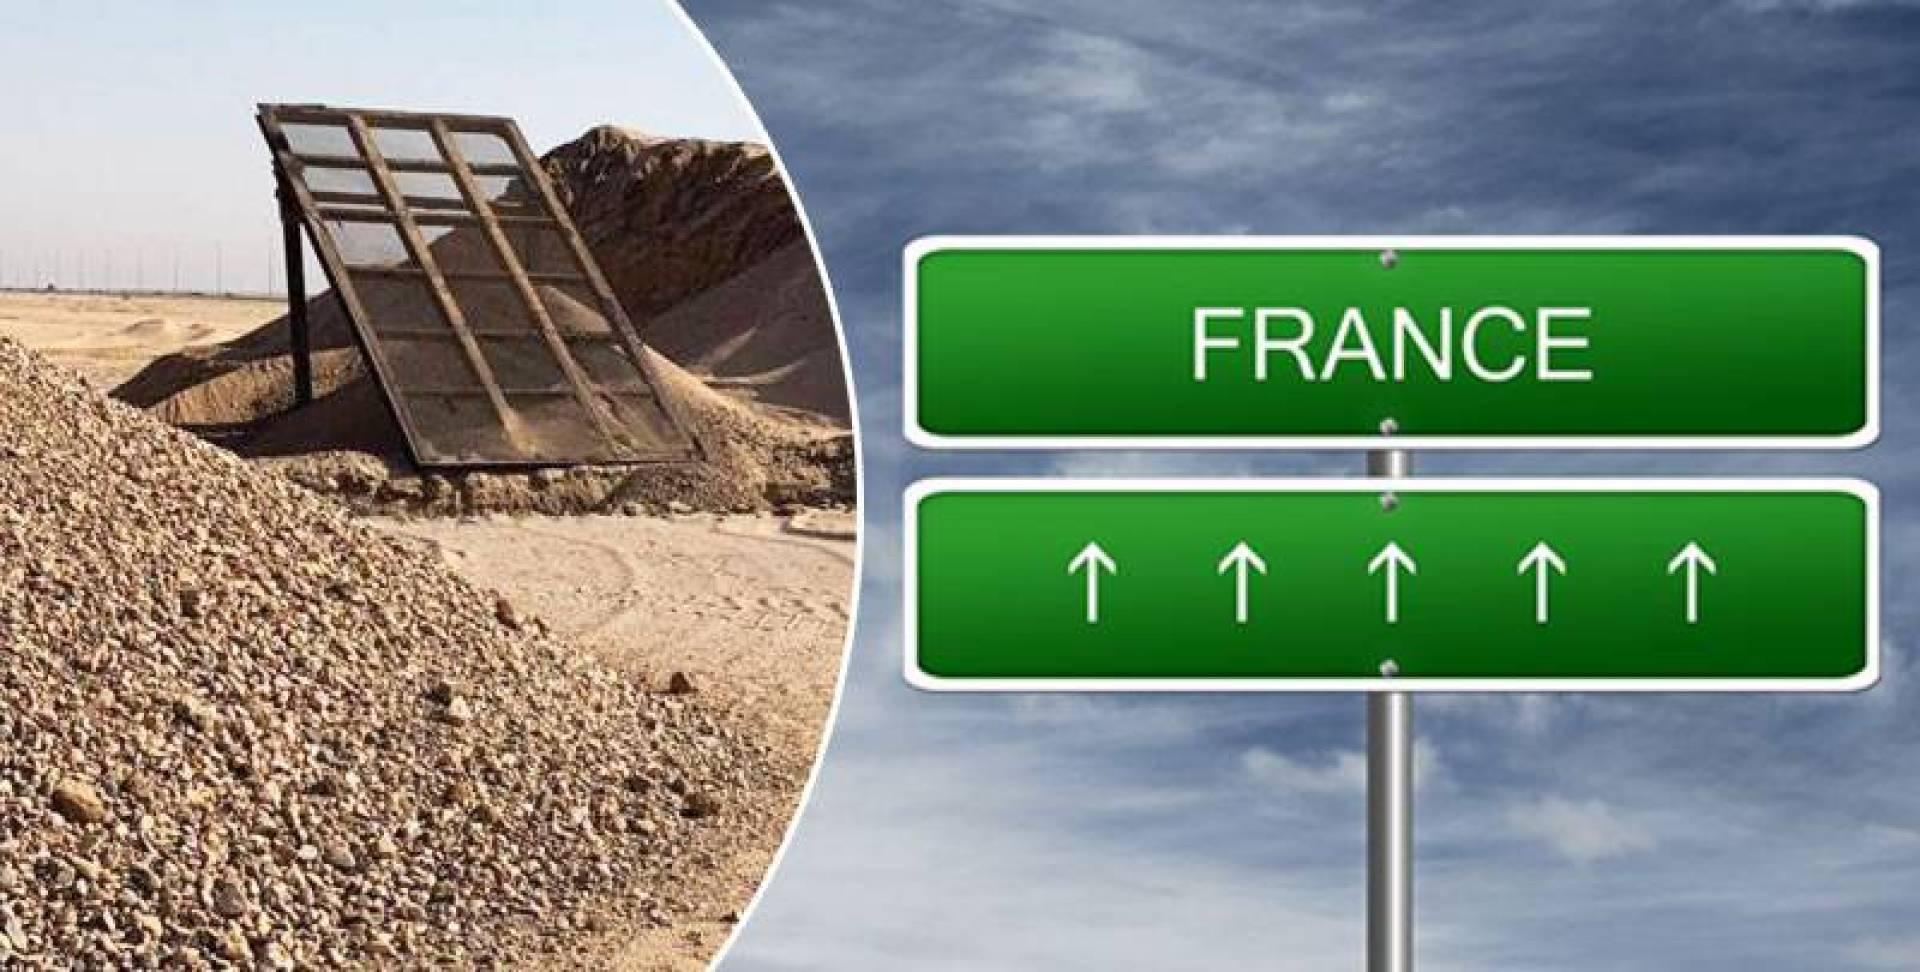 فاسد البلدية يطلب اللجوء السياسي في فرنسا